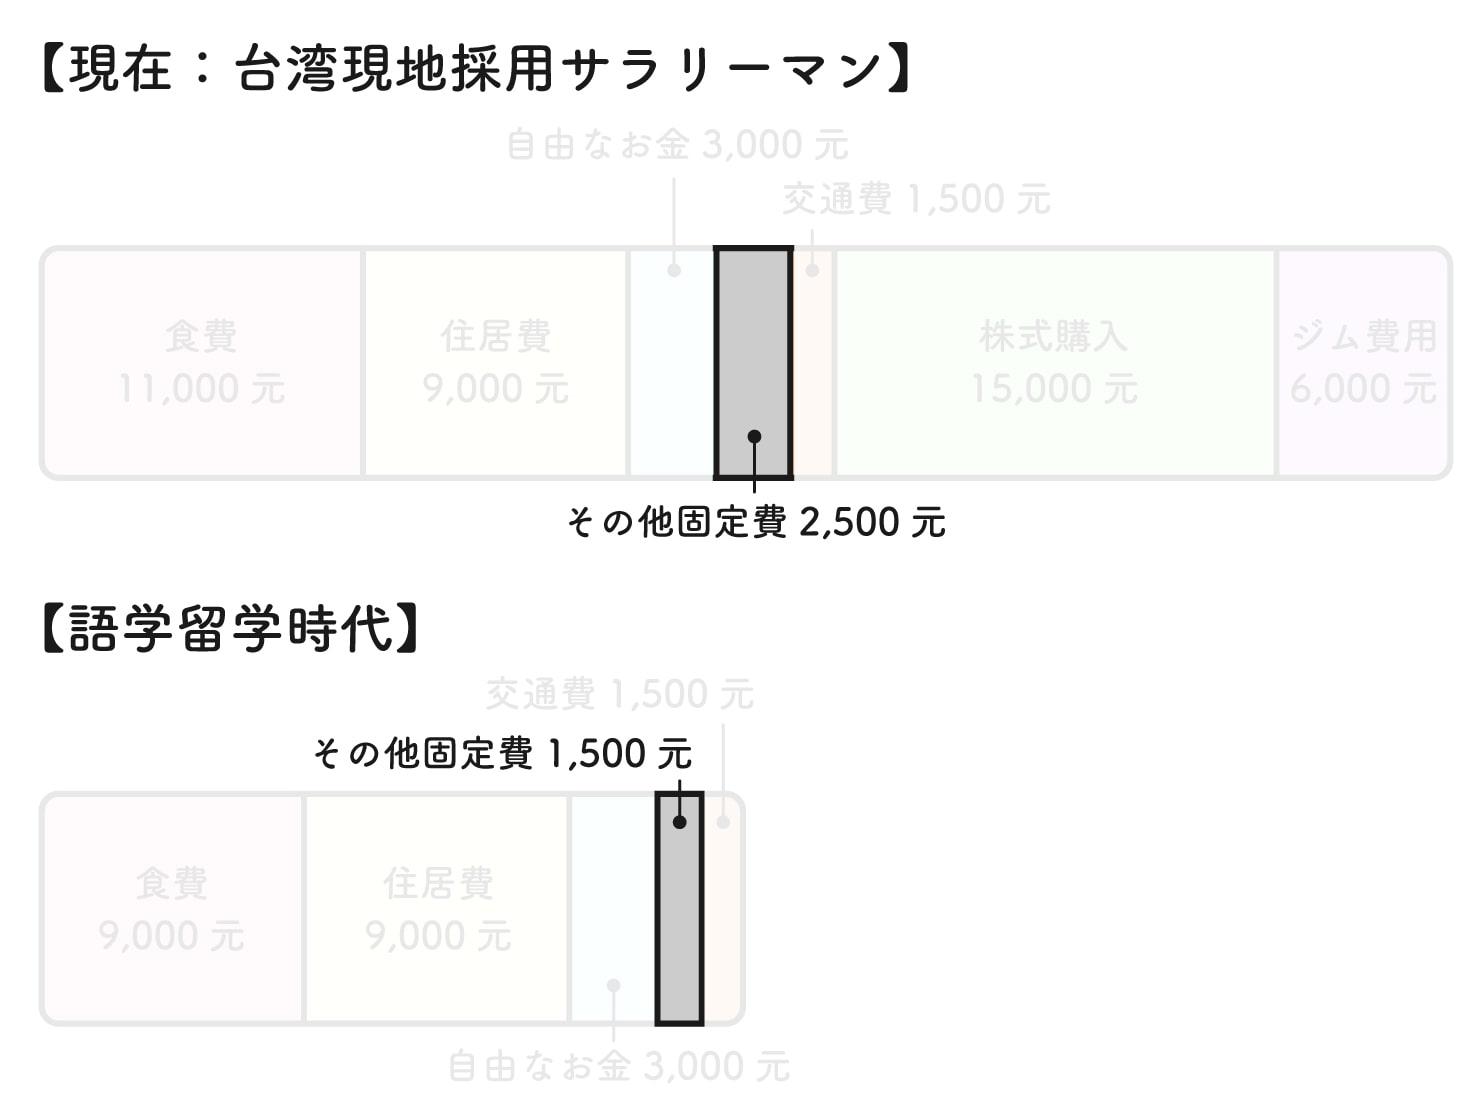 31歳日本男子の台湾での生活費グラフ(その他固定費)